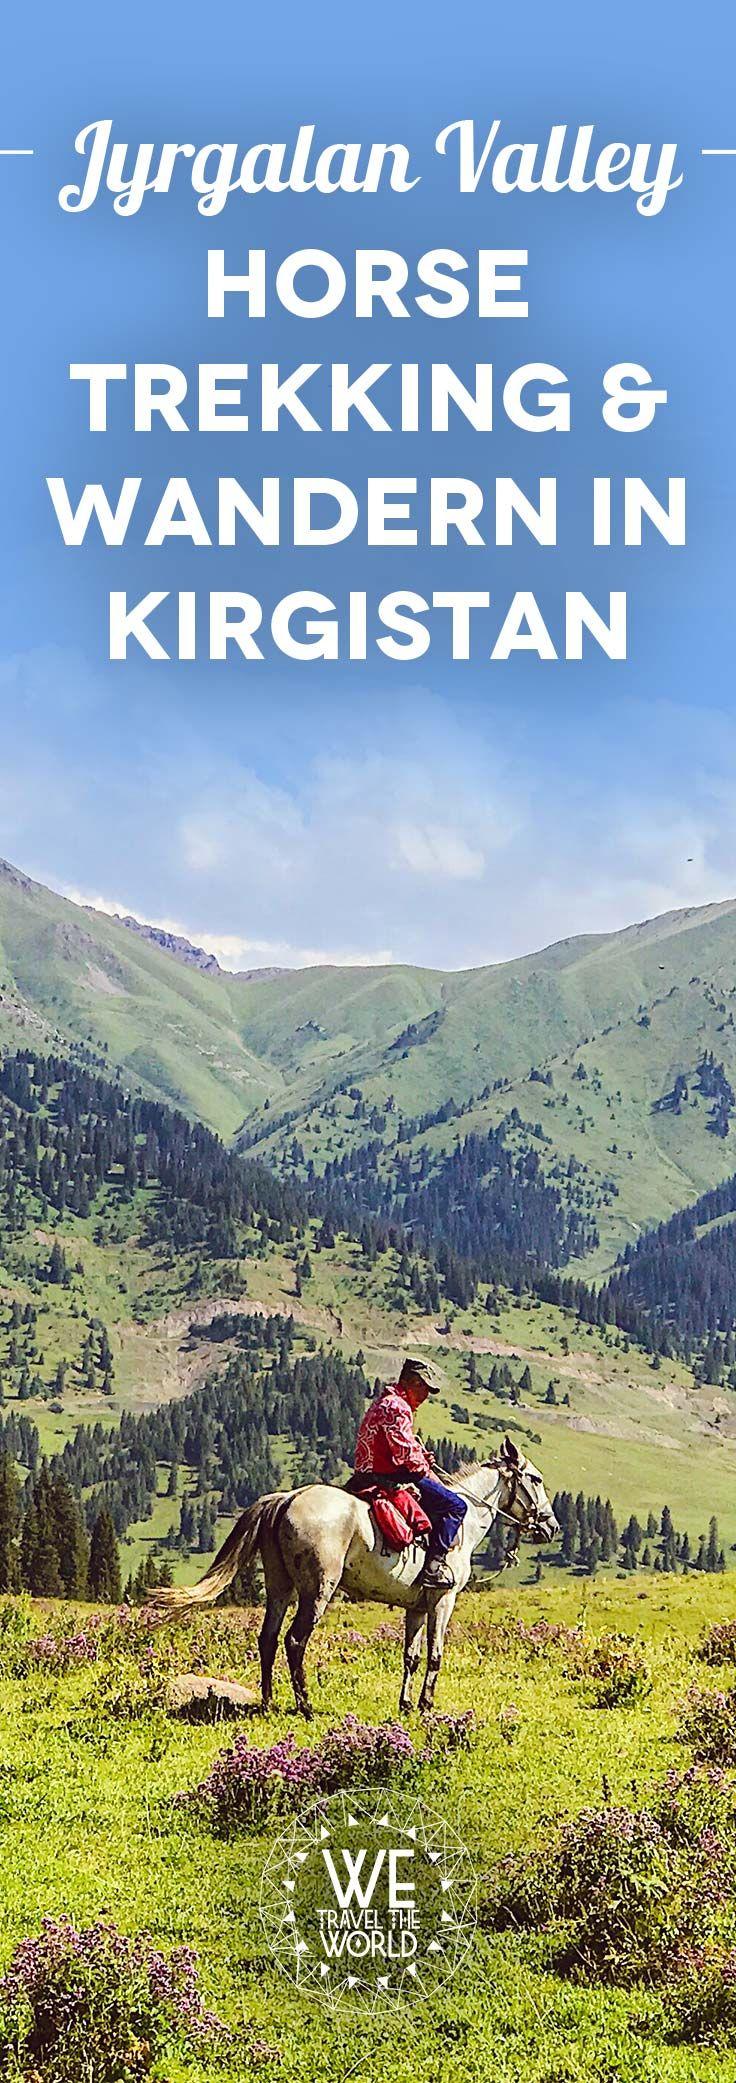 Auf einer Kirgistan Reise darf Horse Trekking und Wandern durch die wunderschöne Landschaft nicht fehlen!